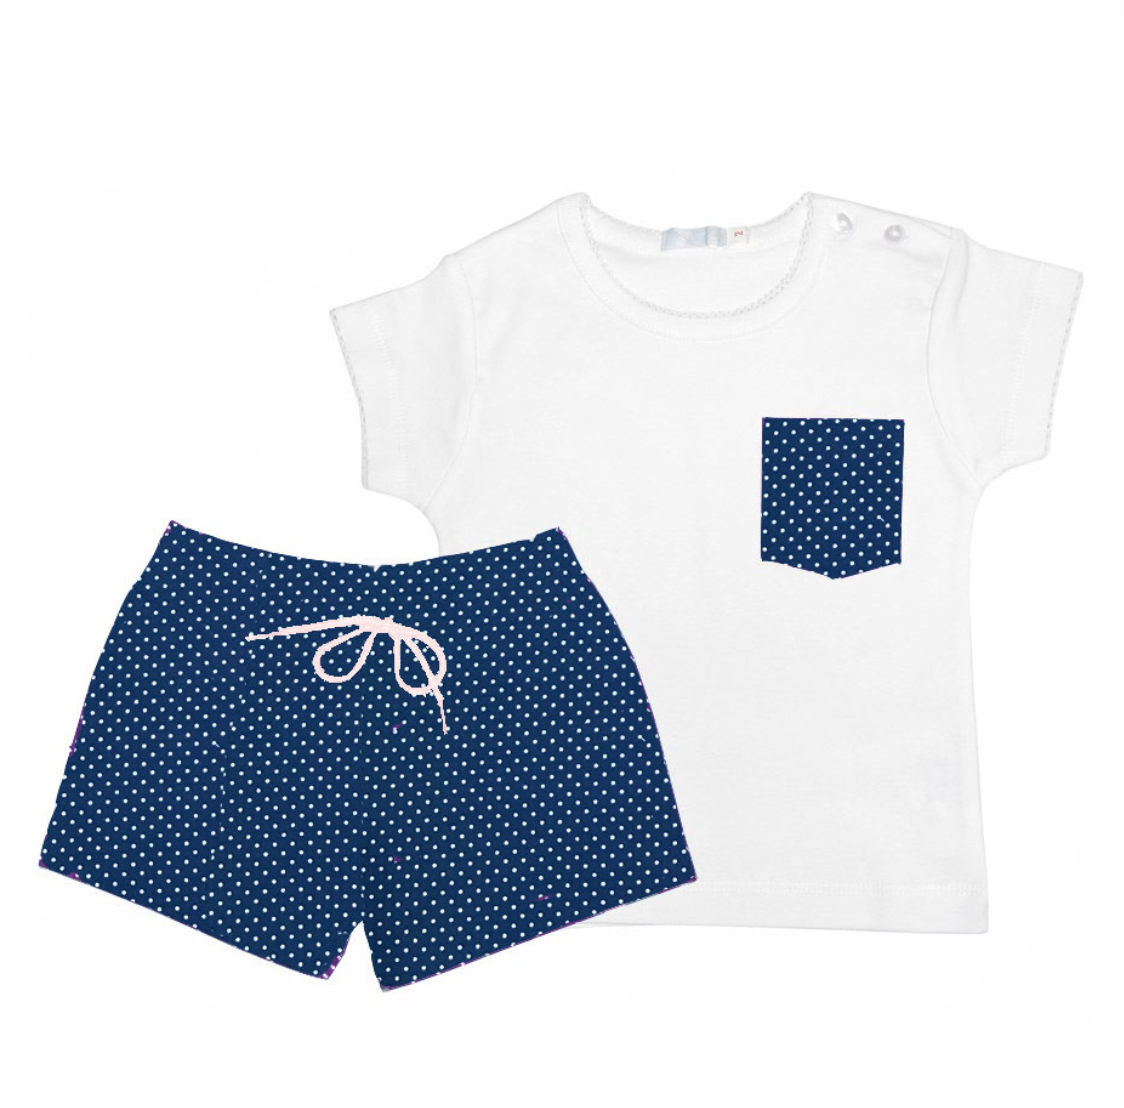 bañador y camiseta mamay niño azul